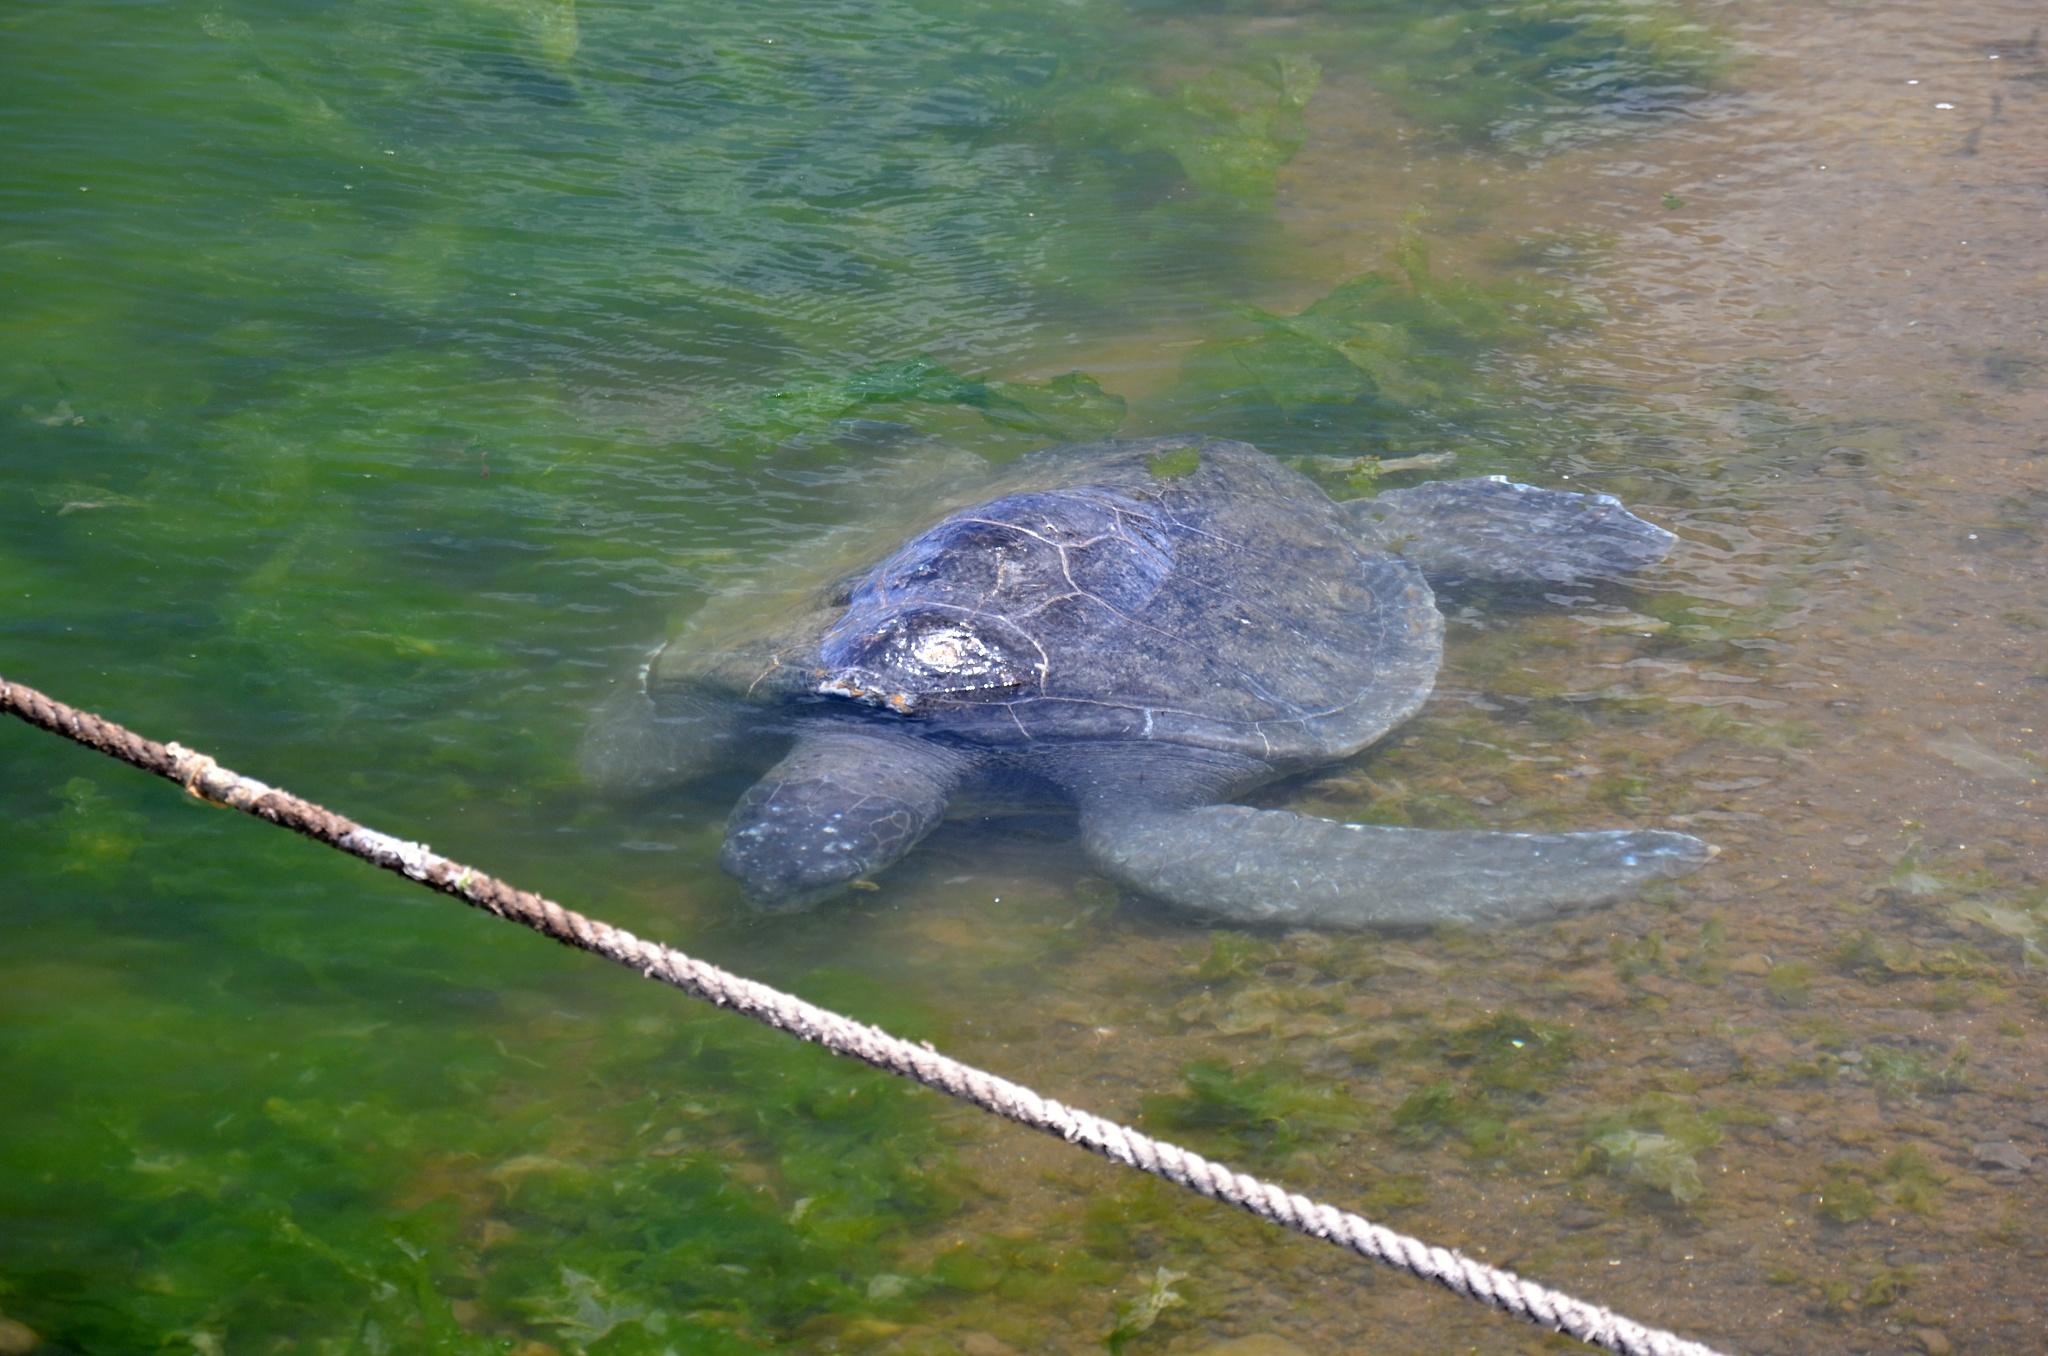 Trochu ochočená želvička